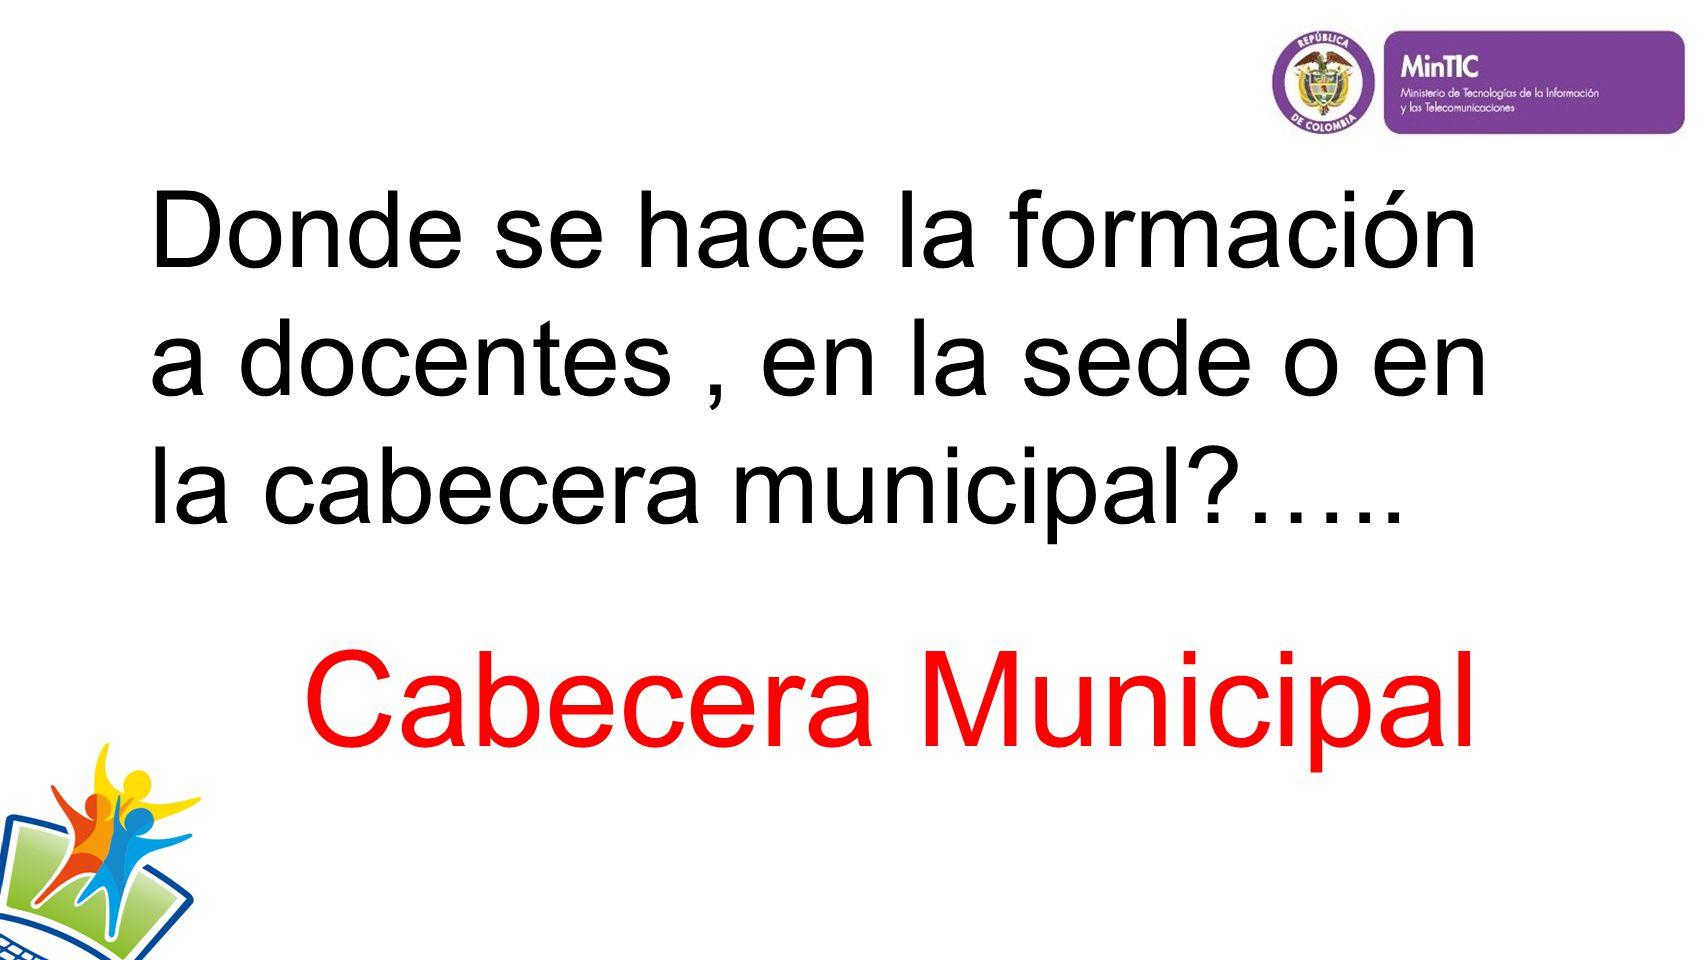 Donde se hace la formación a docentes, en la sede o en la cabecera municipal ….. Cabecera Municipal